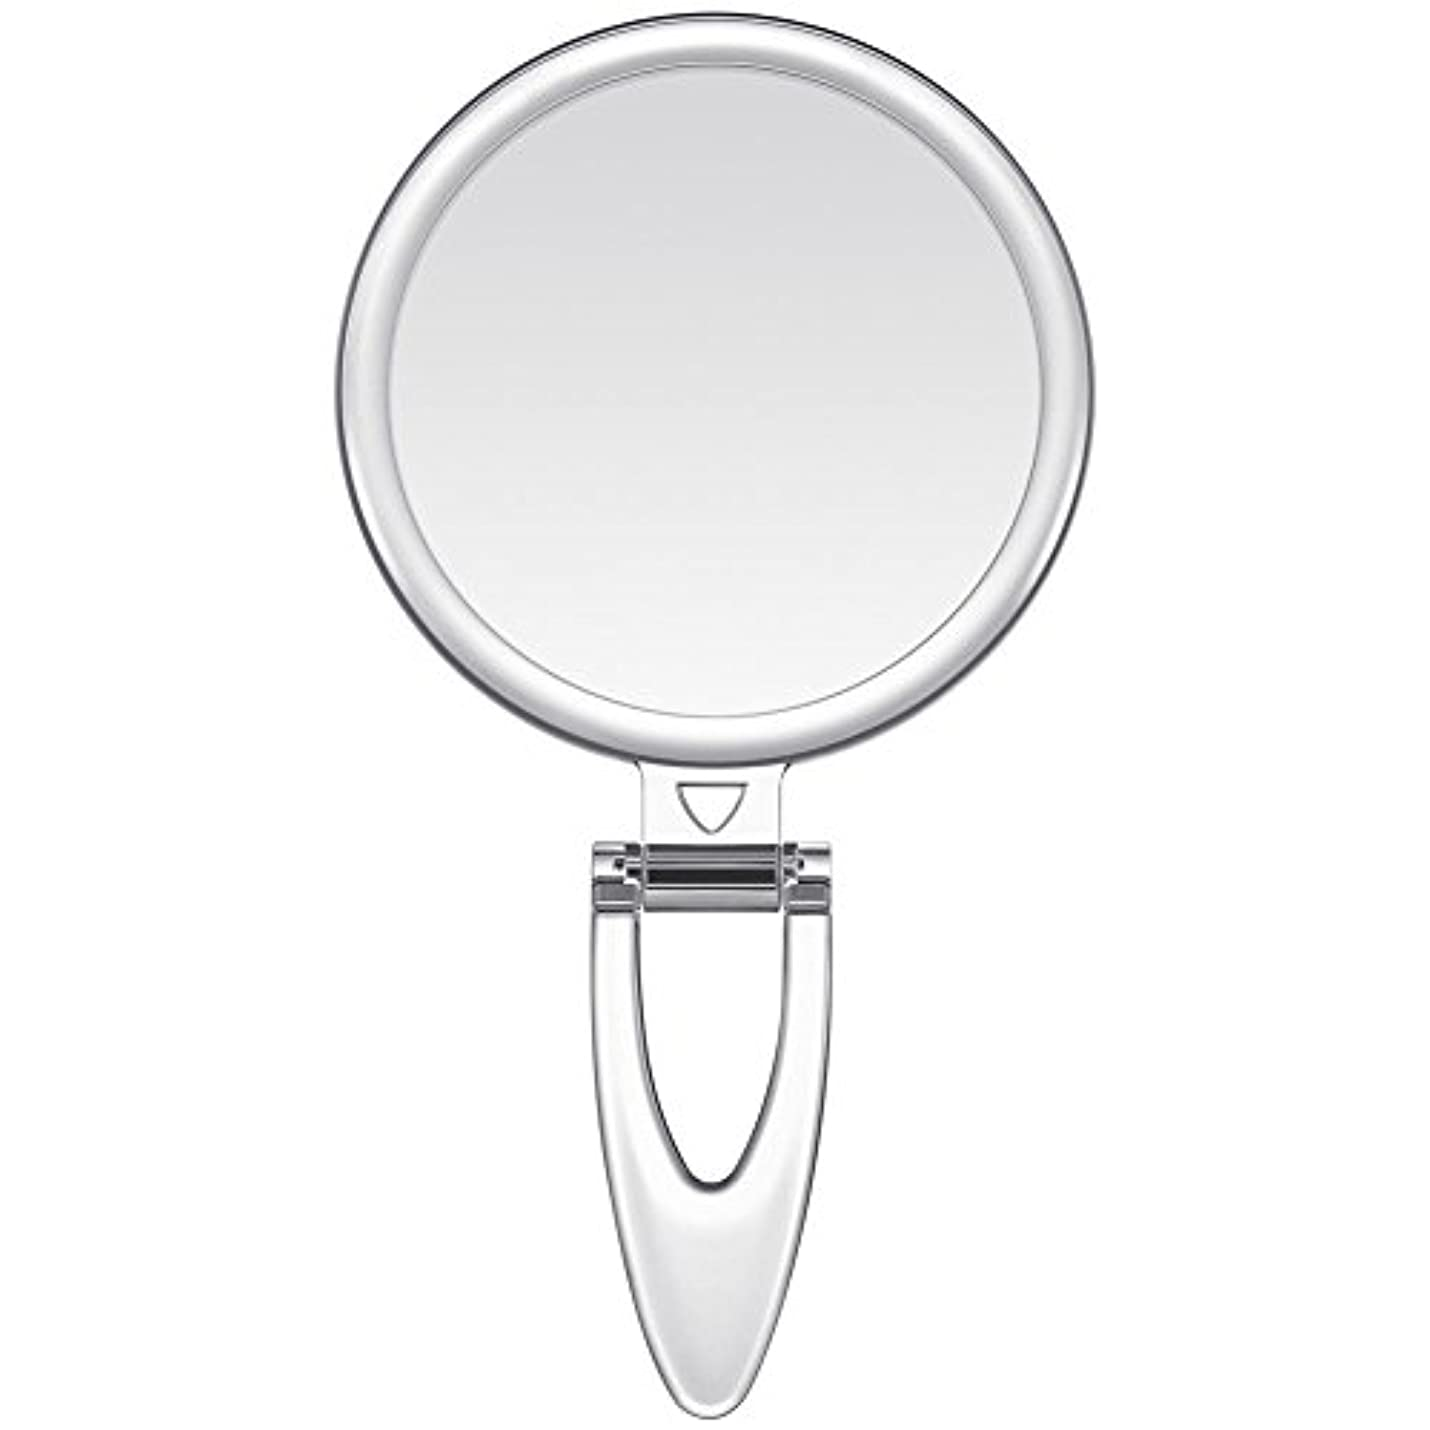 中傷ペリスコープ貨物Lavany 手鏡 鏡 拡大鏡 両面コンパクトミラー 化粧鏡 10倍鏡付き 手持ち スタンド 壁掛け仕様 (S(3.2インチ))